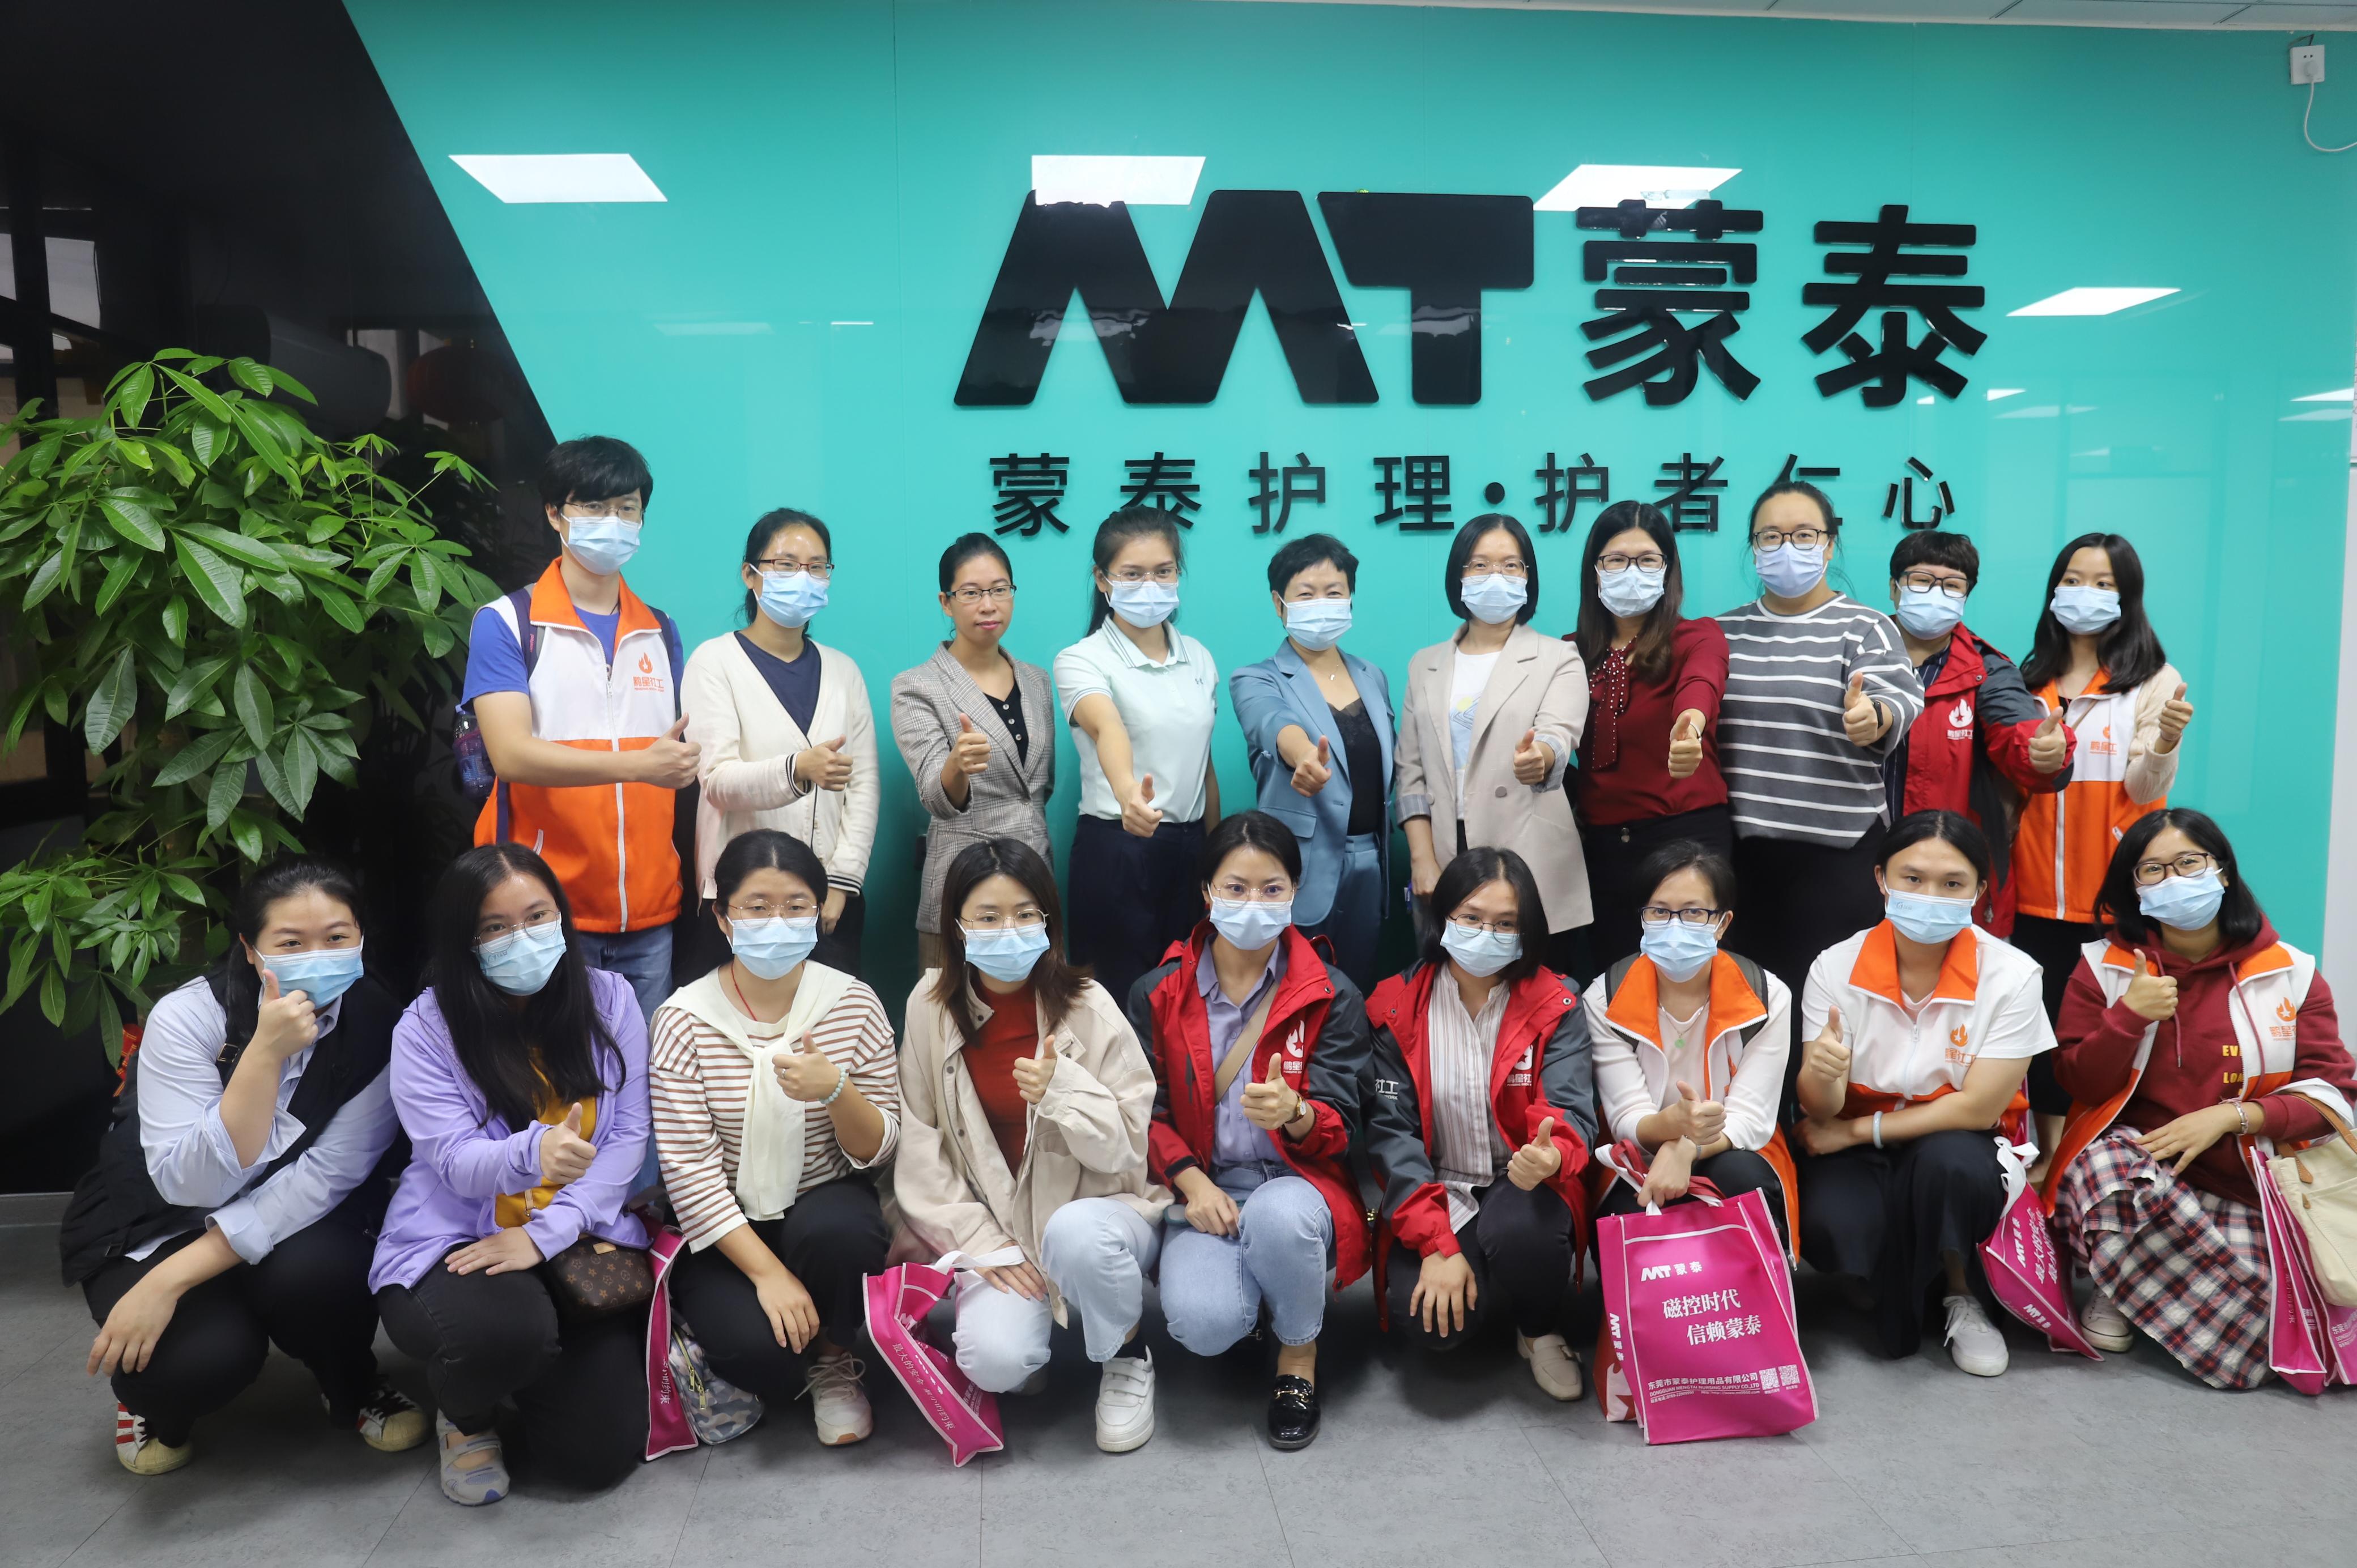 热烈欢迎鹏星社工来到蒙泰公司参观学习